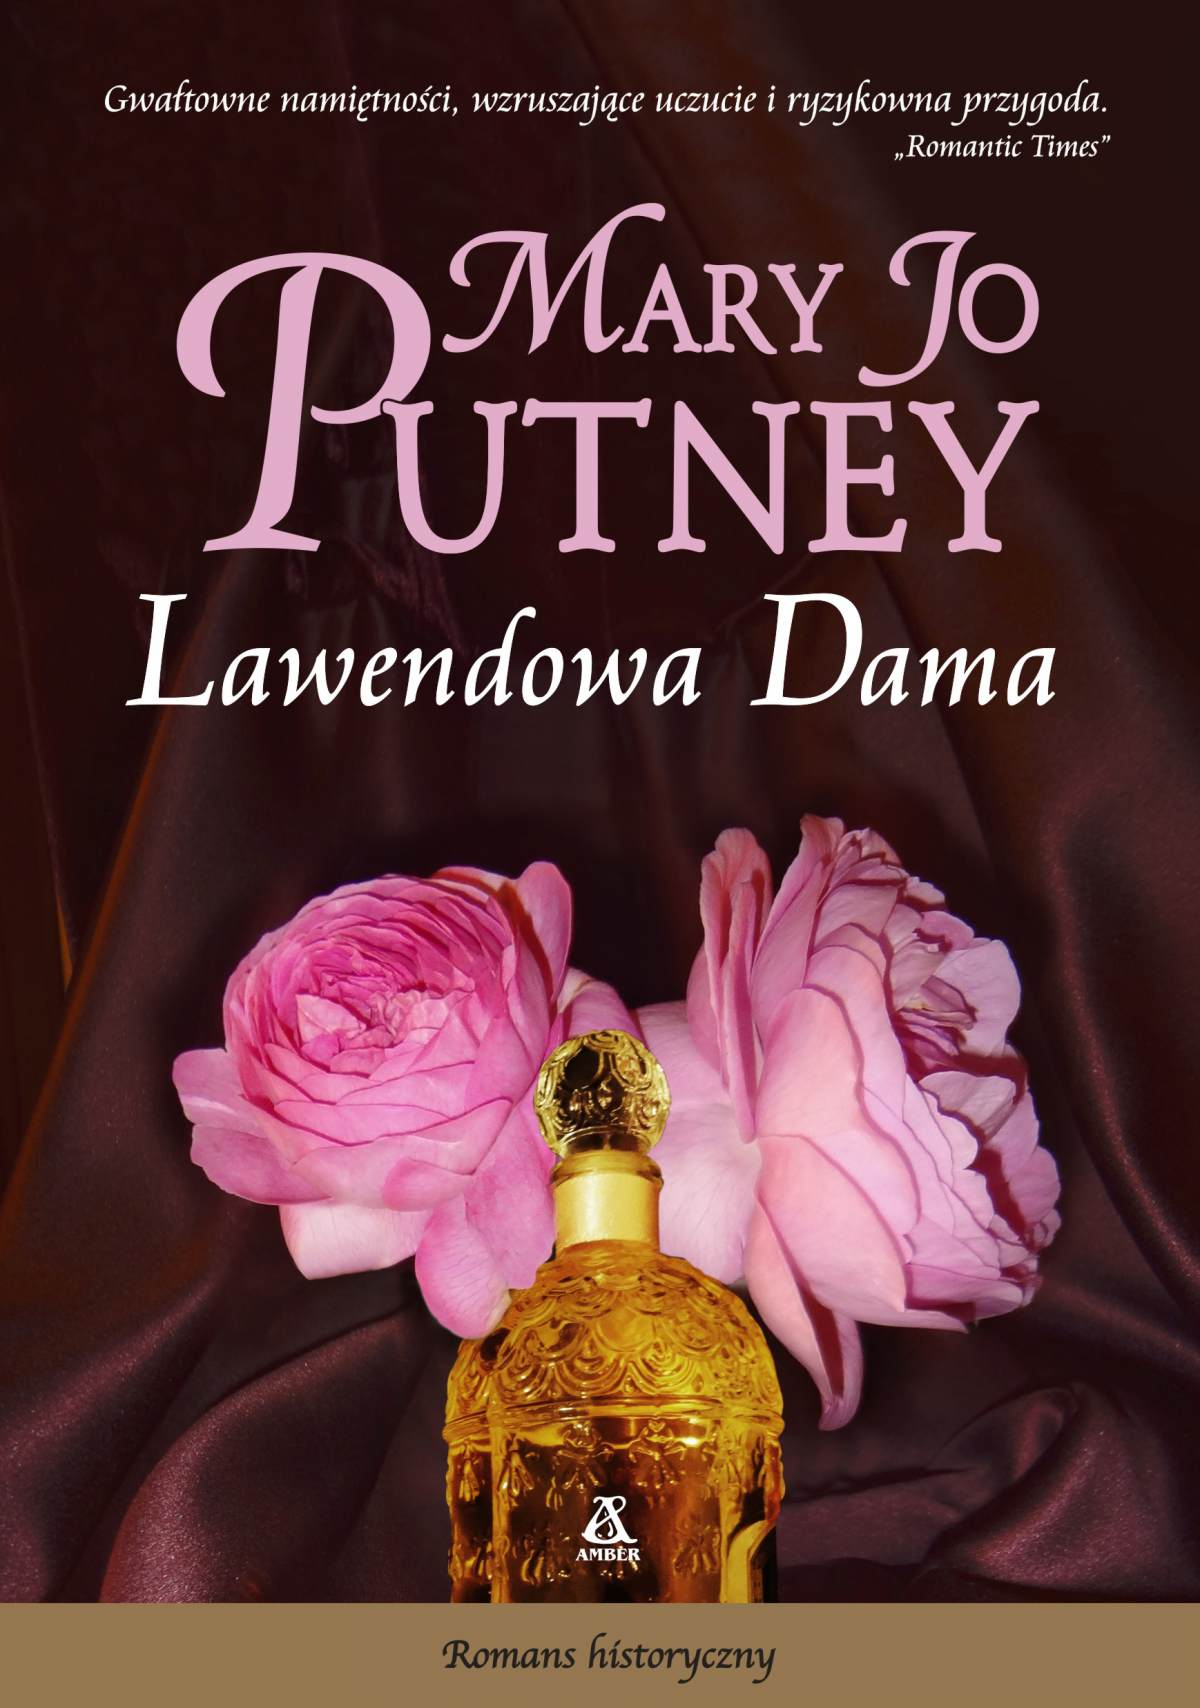 Lawendowa dama - Ebook (Książka EPUB) do pobrania w formacie EPUB